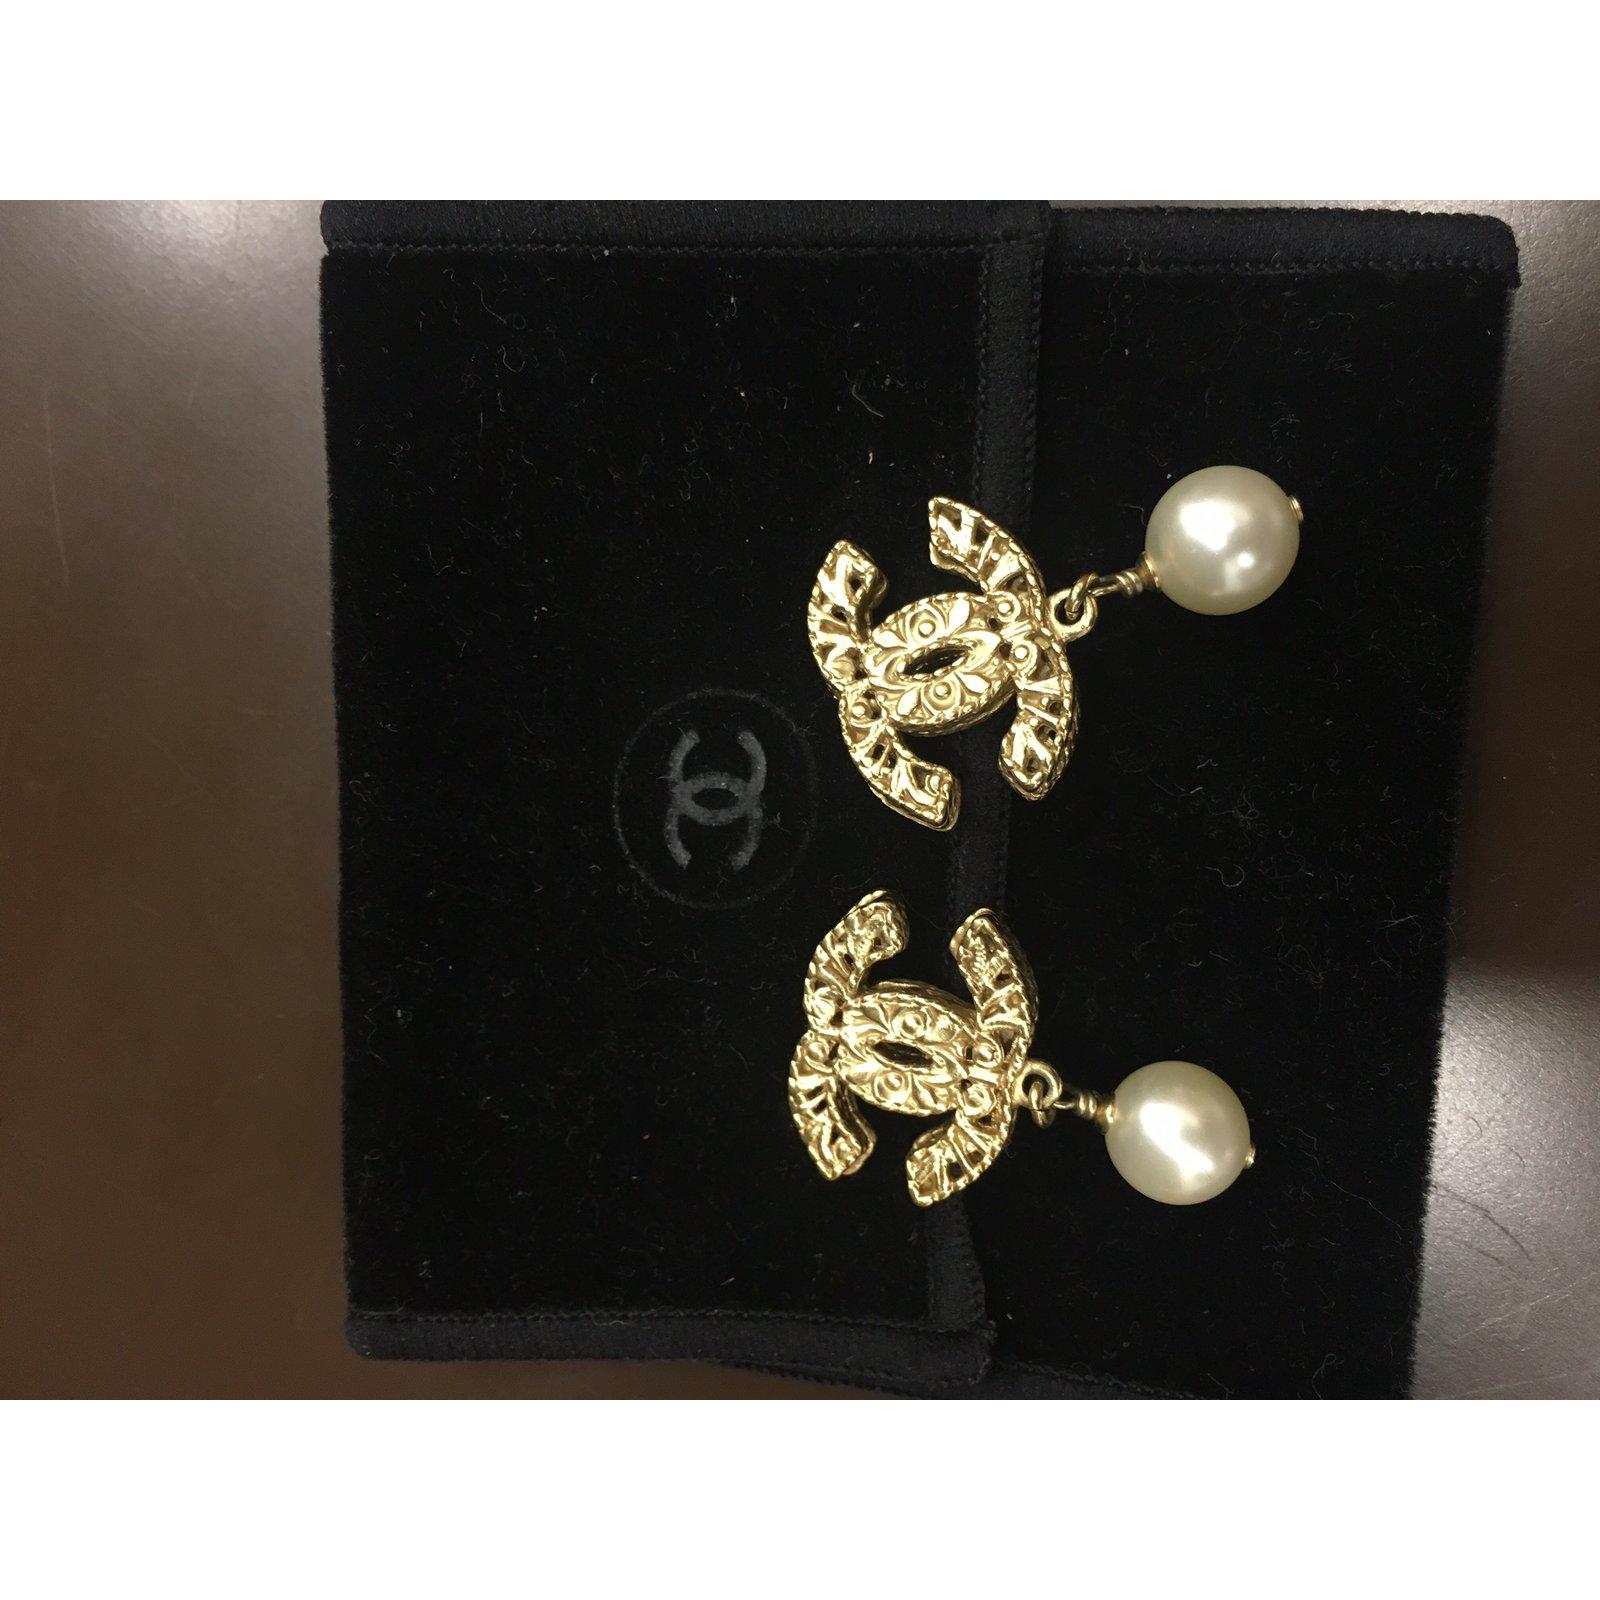 prix boucle d oreille chanel perle bijoux la mode. Black Bedroom Furniture Sets. Home Design Ideas